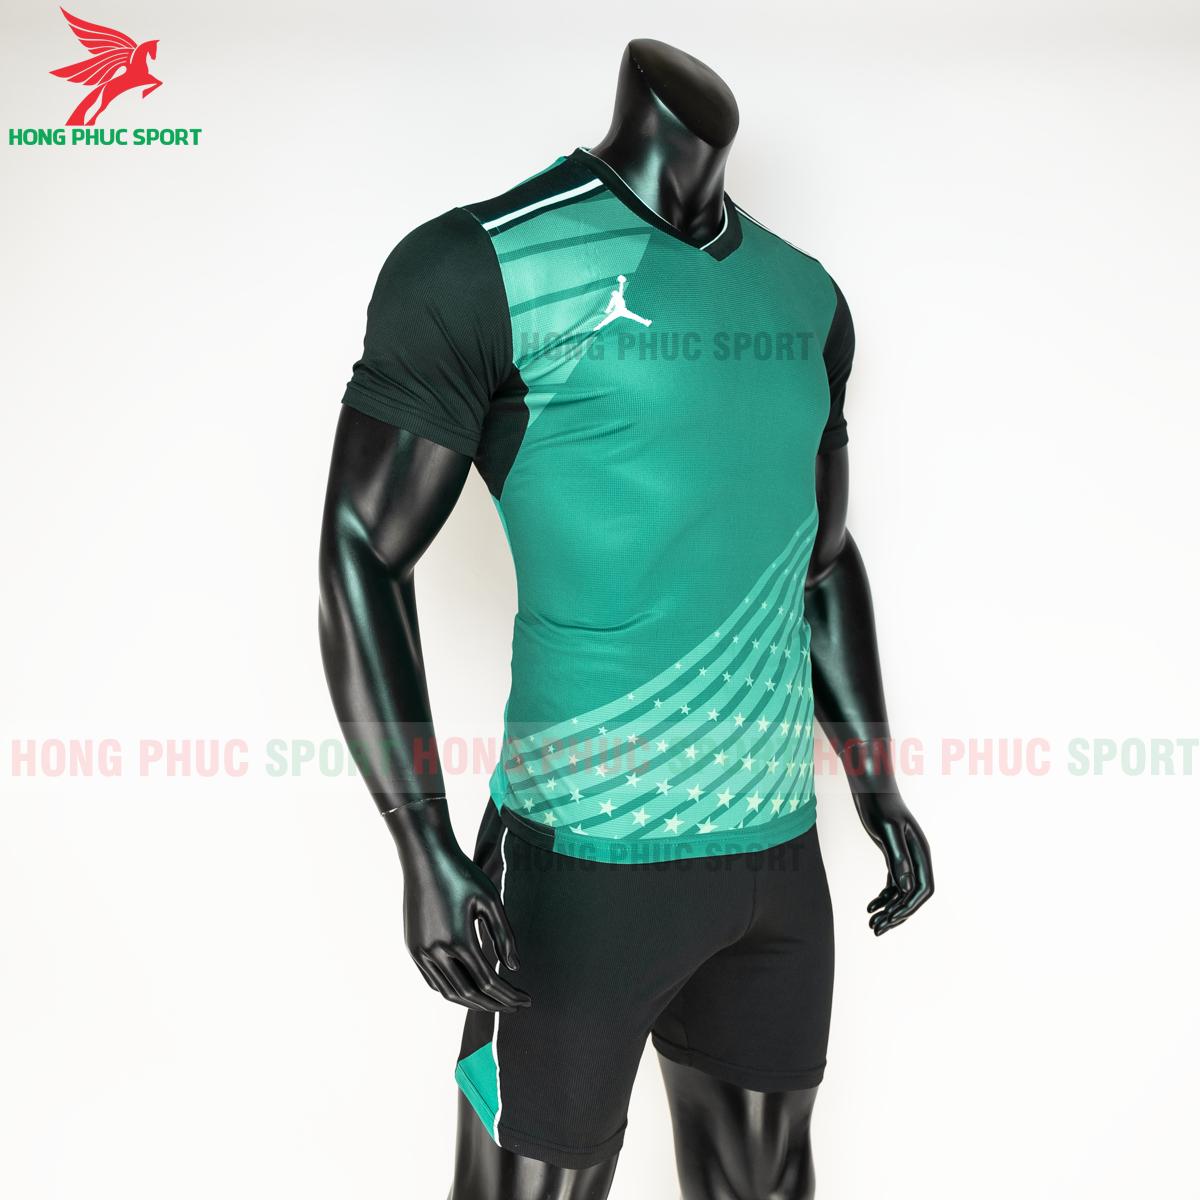 Quần áo bóng chuyền Jordan 2020 mẫu 3 (phải)